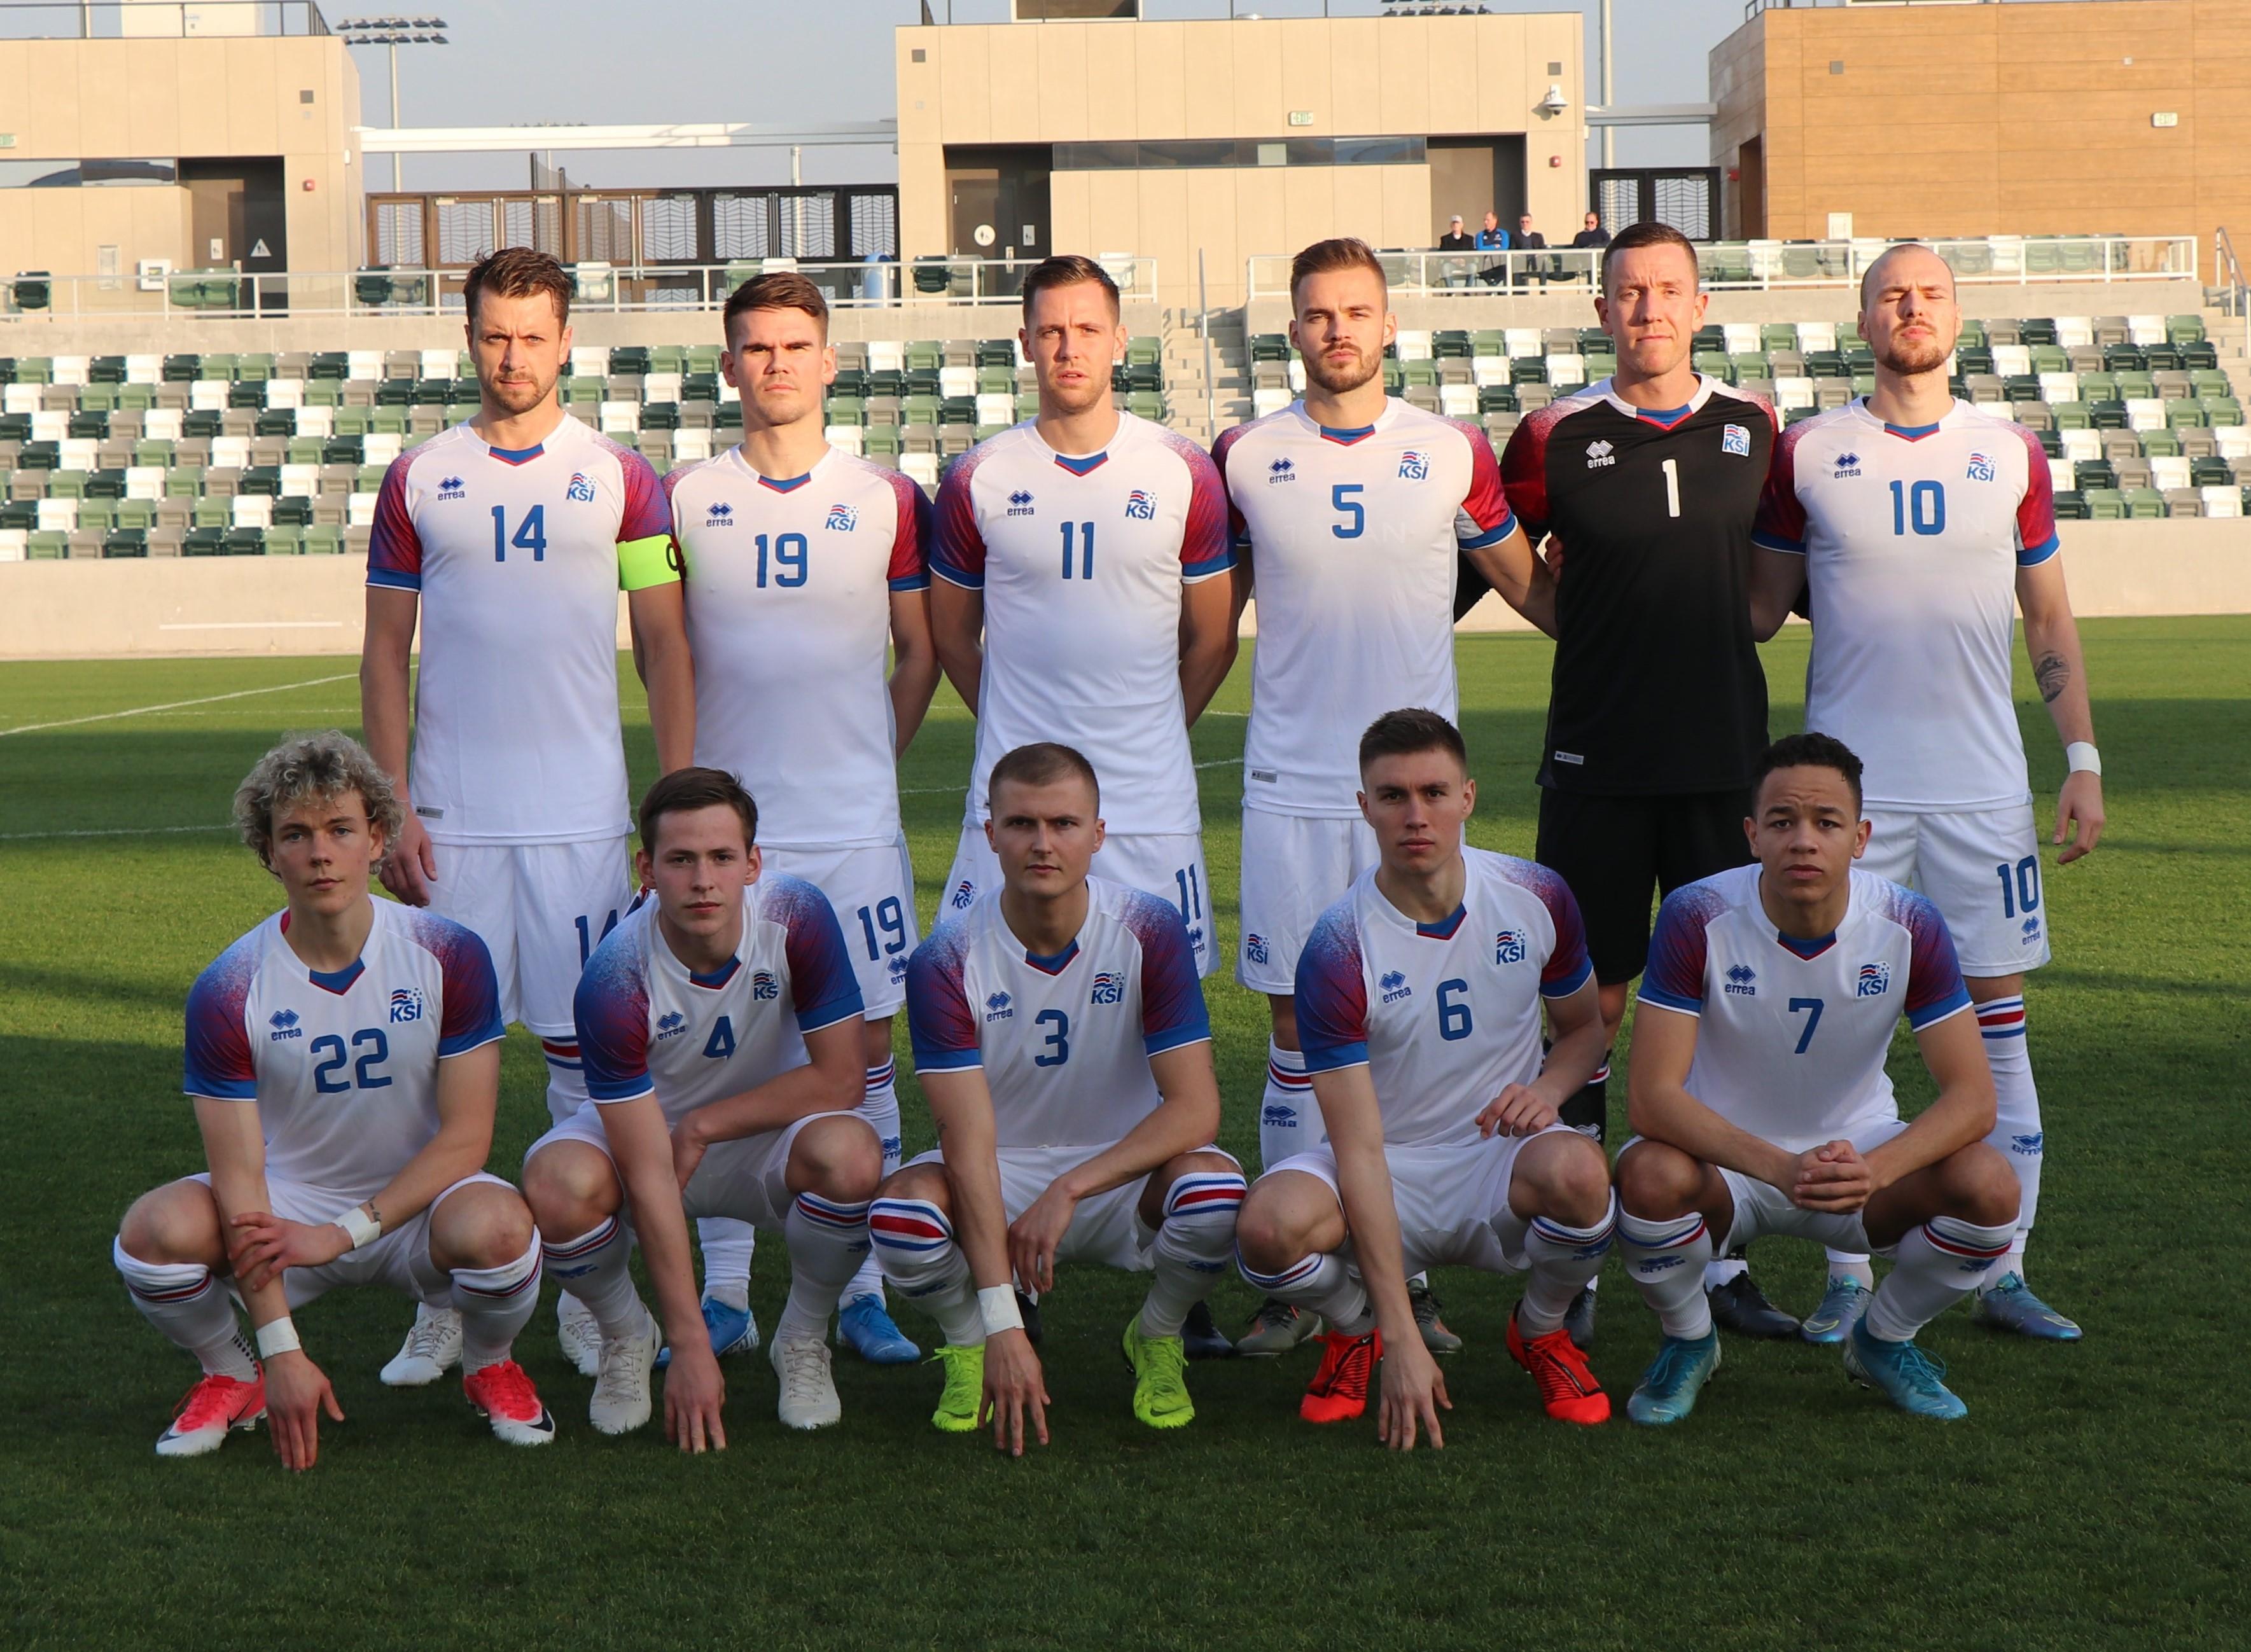 Juego amistoso contra Islandia el domingo 19 de enero del 2020. EOXG4NmU8AAe6dR?format=jpg&name=4096x4096